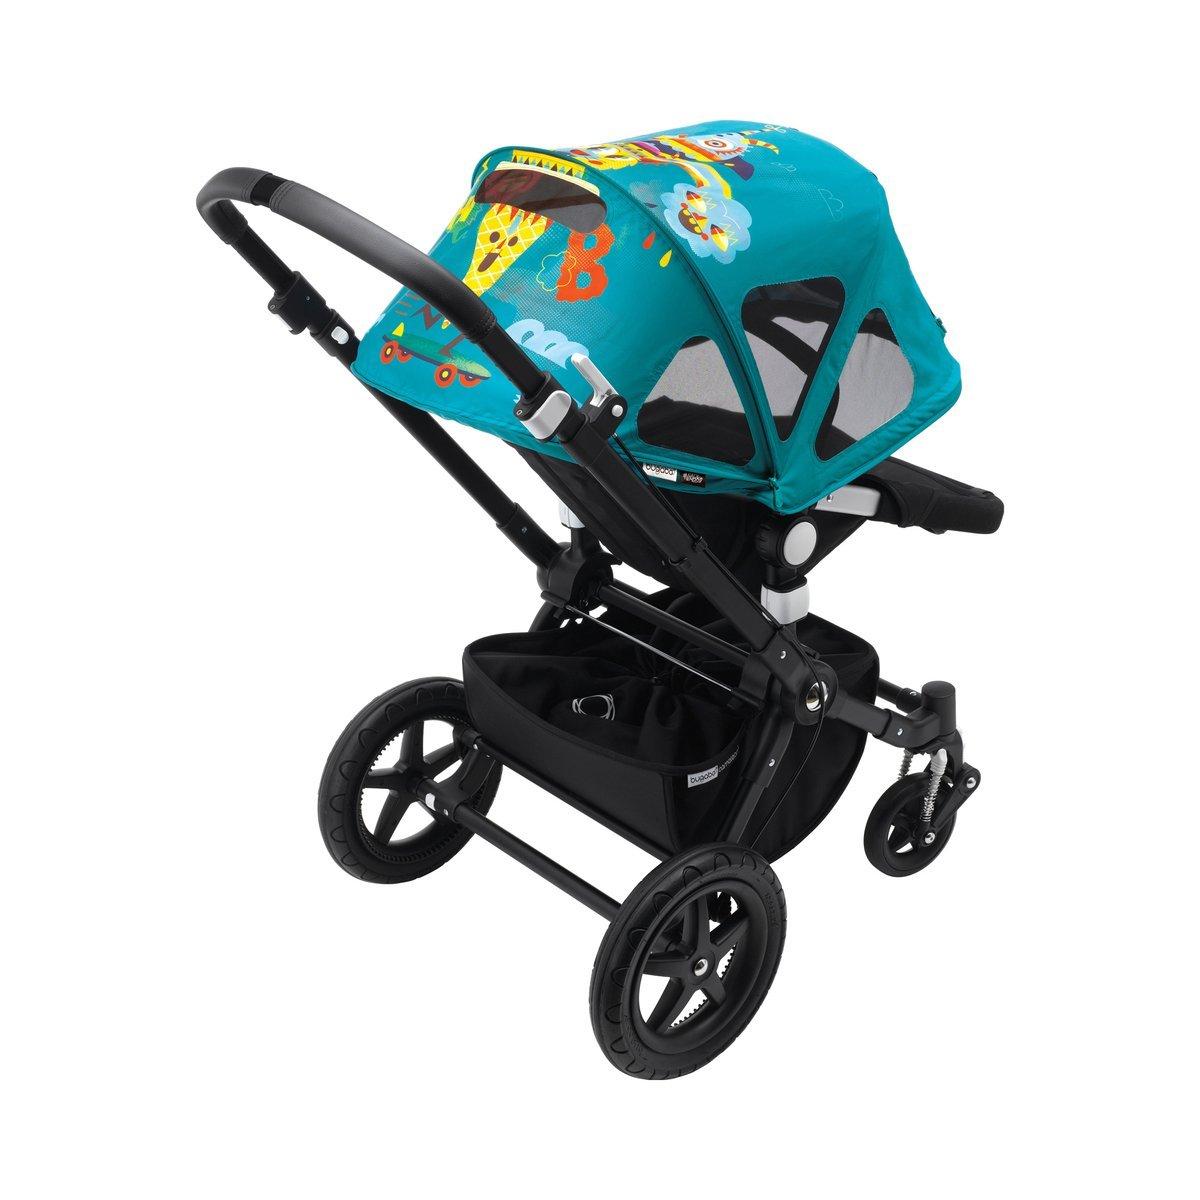 Amazon.com: Bugaboo Cameleon Breezy Sun Canopy X Niark1 ...